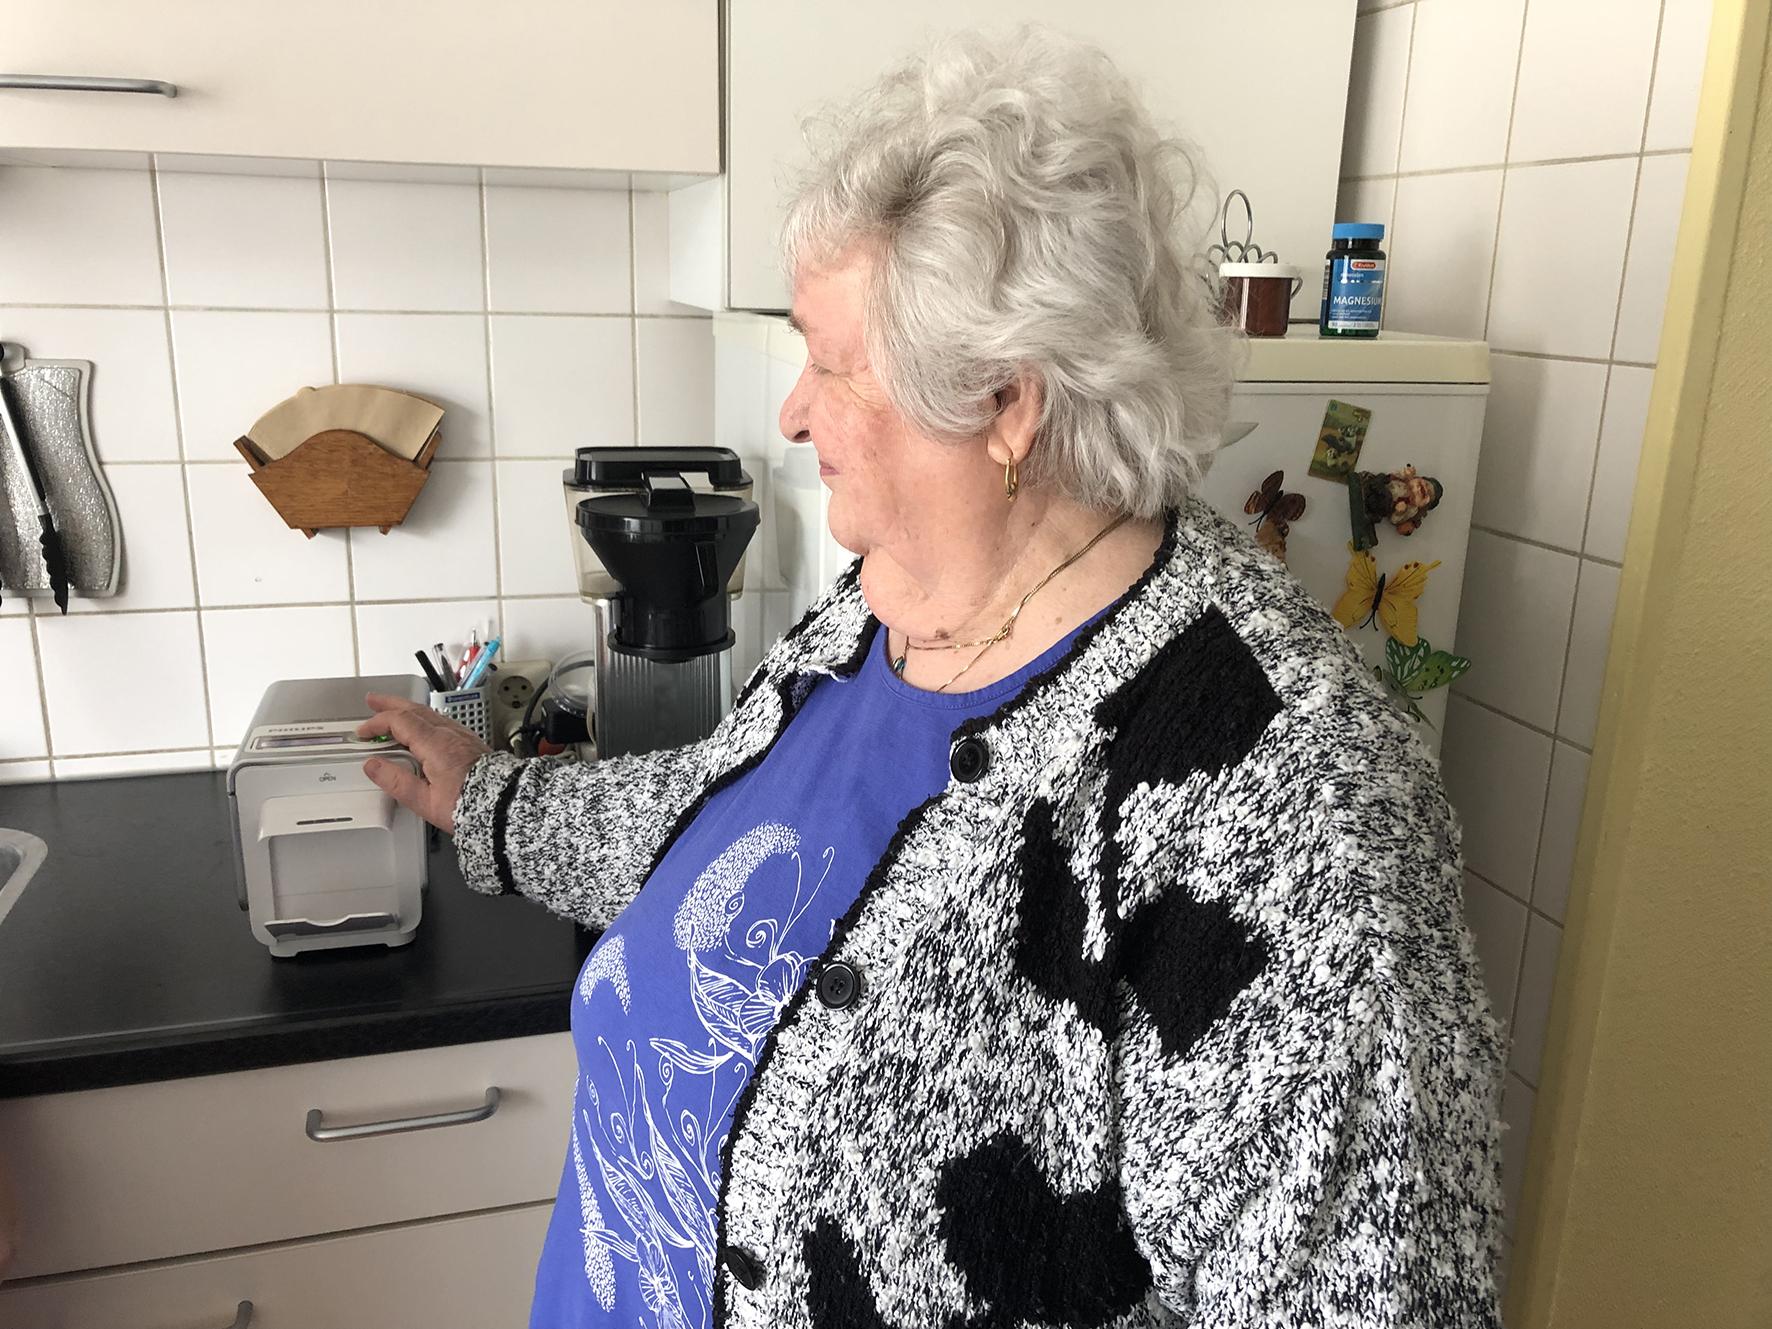 Op deze foto zie je een oudere dame bij een medisch apparaat in haar keuken thuis